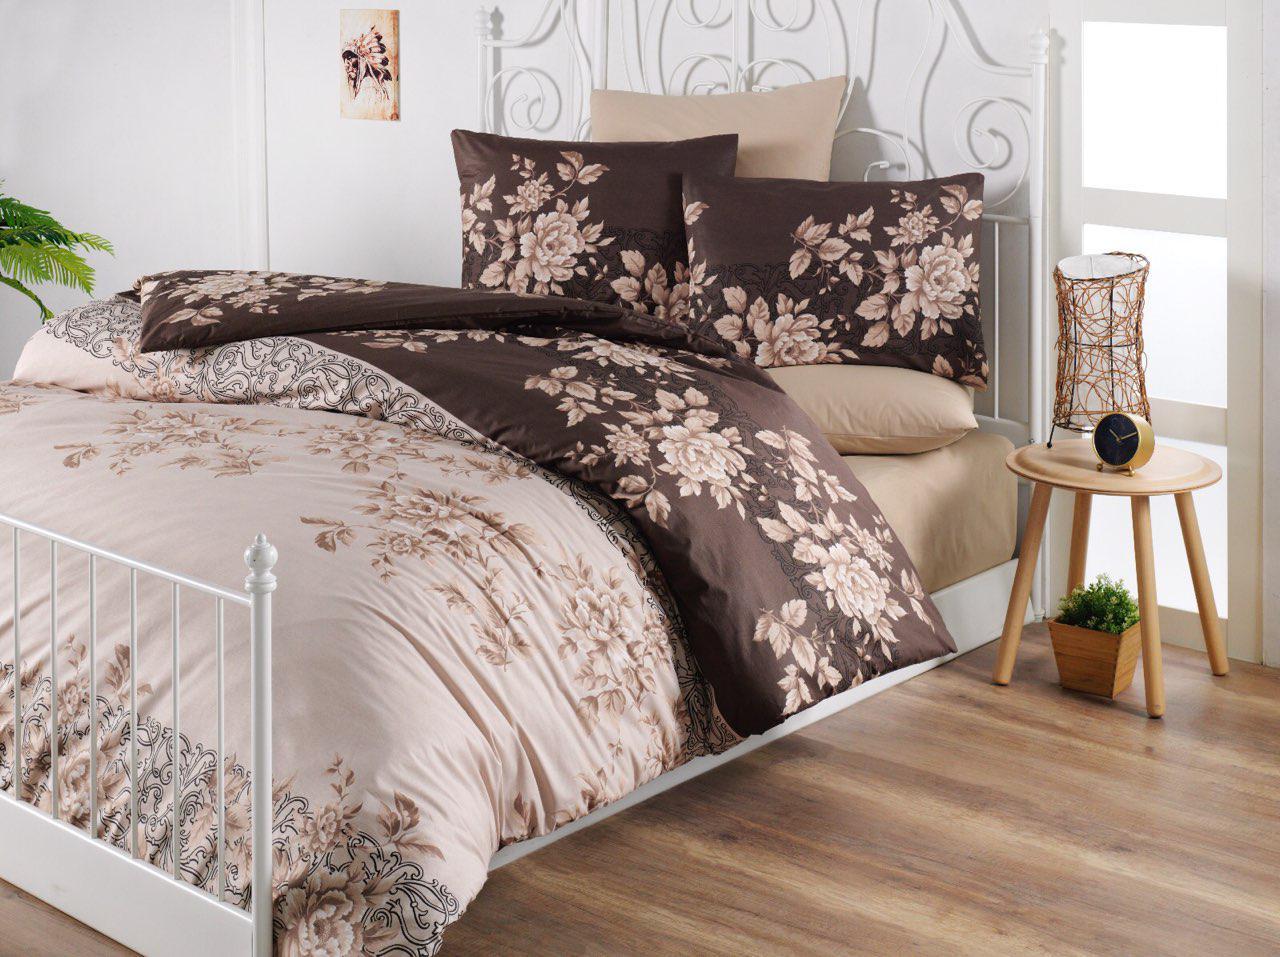 Куплю рулон ткани для постельного белья молды для мебели купить в москве